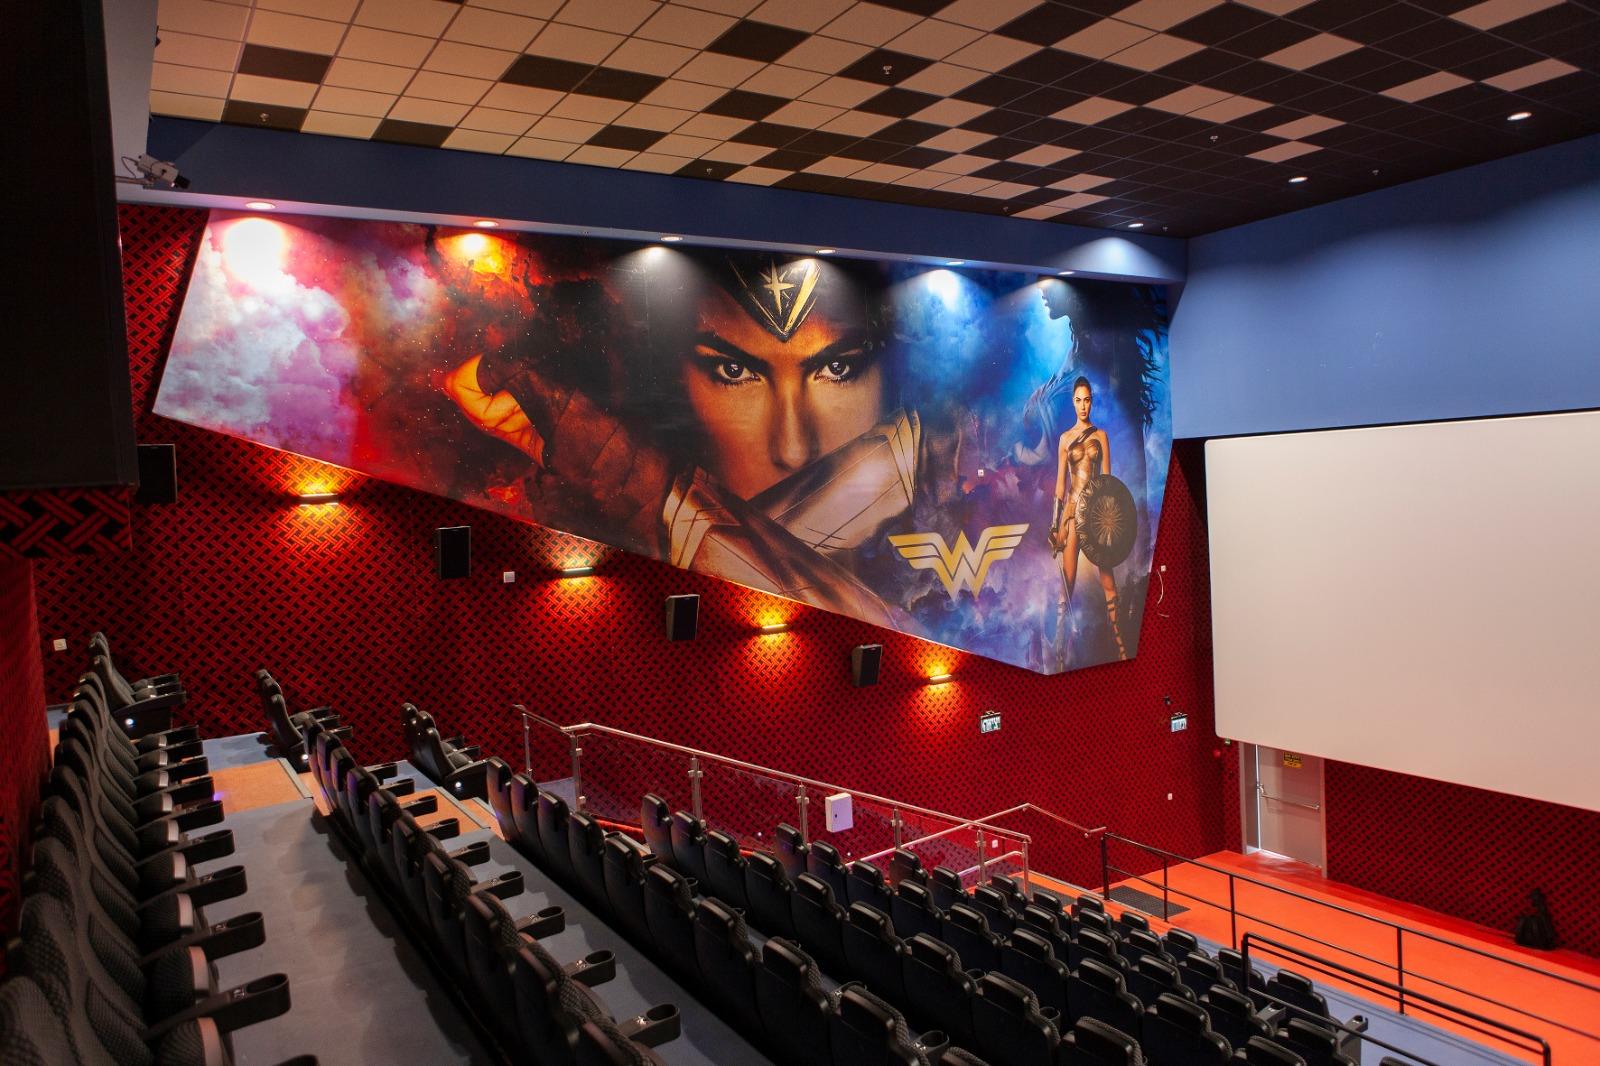 אולמות הקולנוע סינימה סיטי (צילום: דוד חיון)